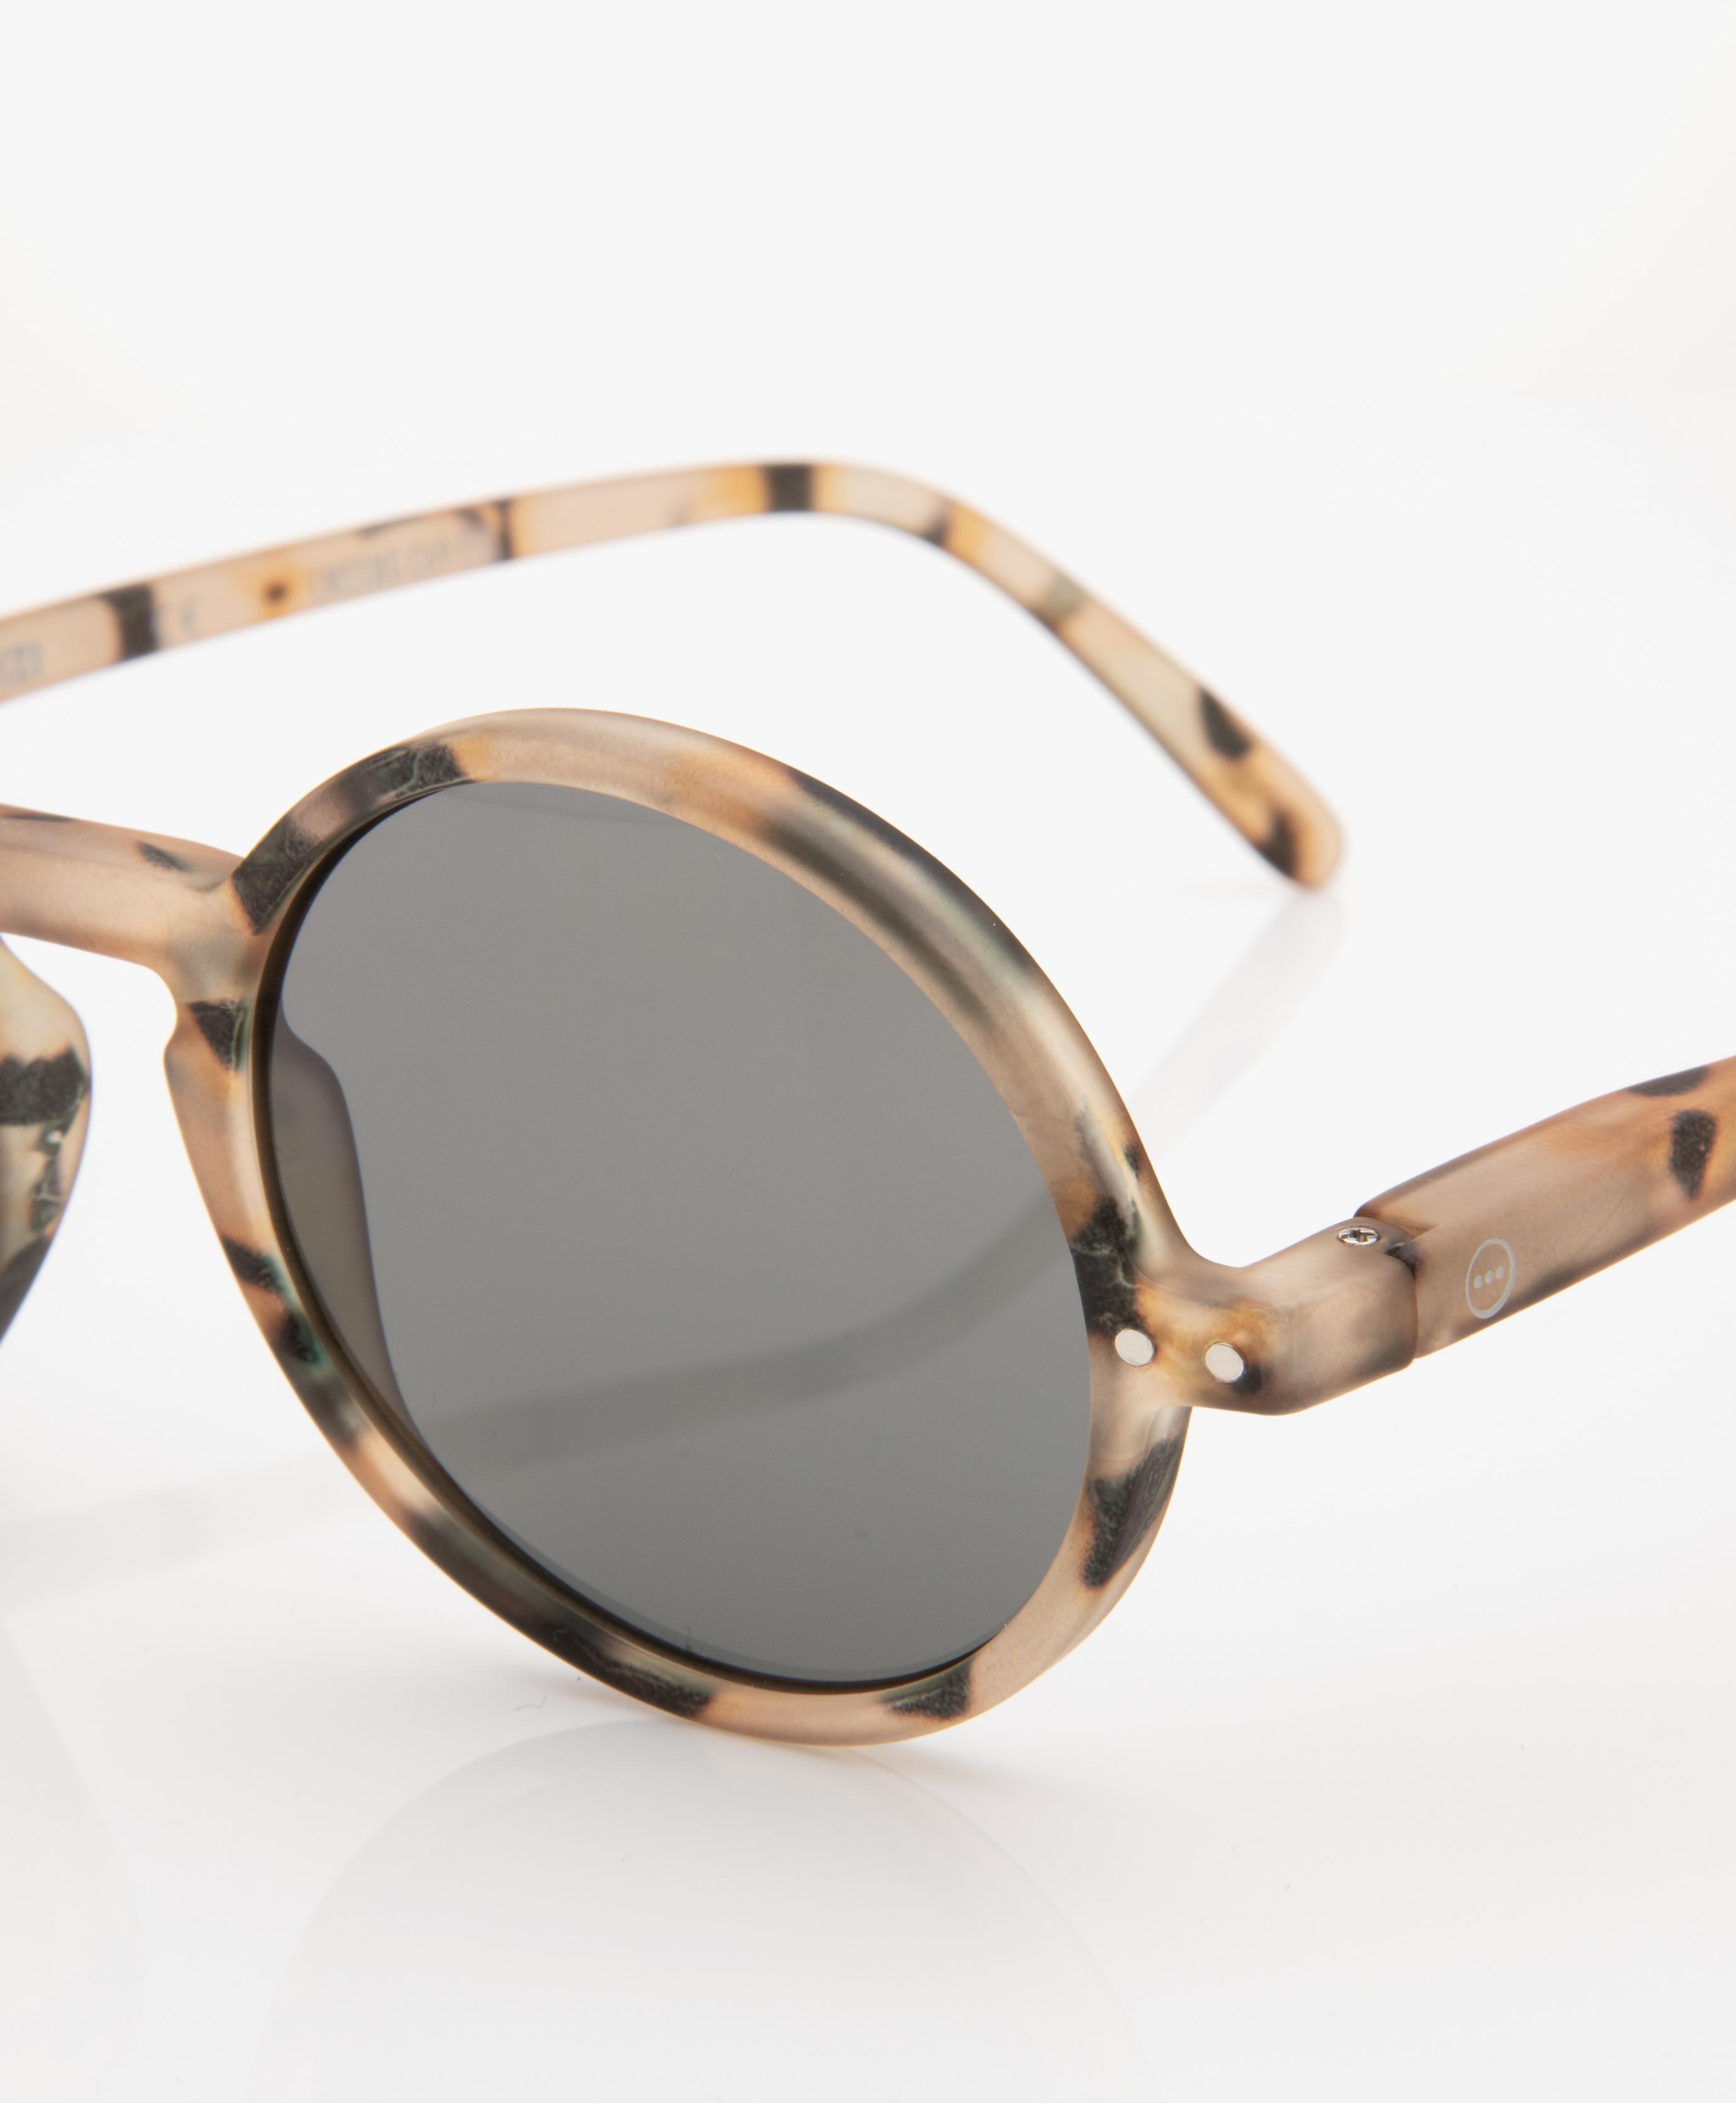 9e1c447bb8e21e IZIPIZI SUN  G Sunglasses - Light Tortoise Grey Lenses - sun  g light  tortoise soft lenses